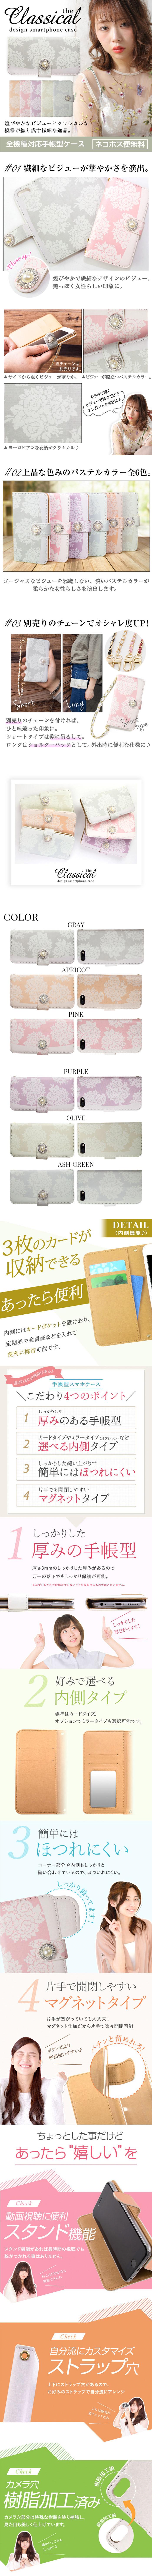 スマホケース 手帳型 全機種対応 iPhone7 ケース iPhone7Plus ケース iPhone6 ケース iPhone6s ケース Xperia XZ Xperia Z5 SO-01J SO-02J SOV34 601SO